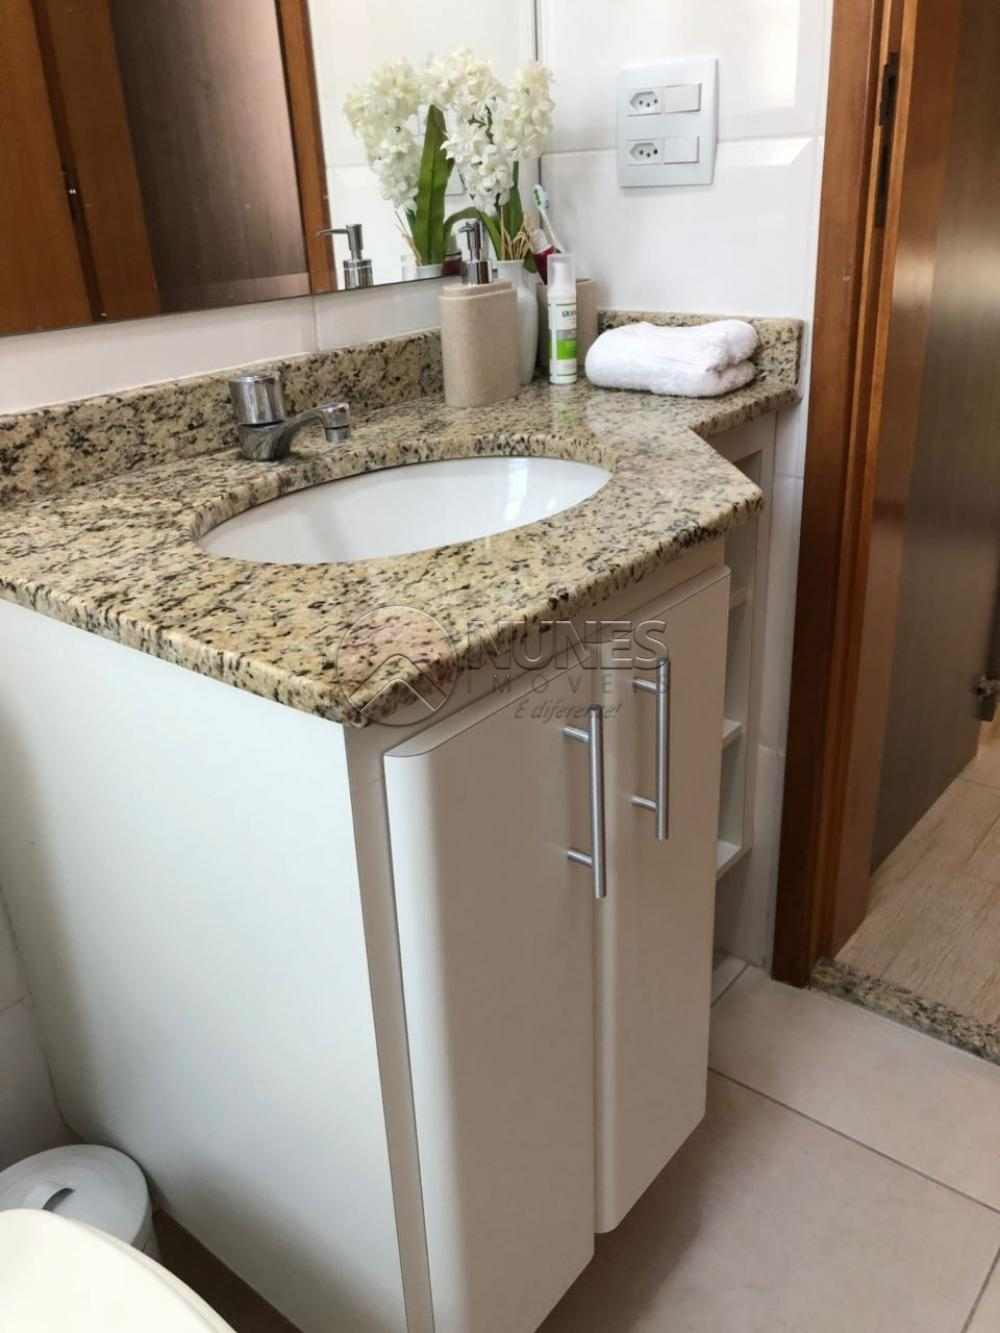 Comprar Apartamento / Padrão em Osasco apenas R$ 360.000,00 - Foto 23